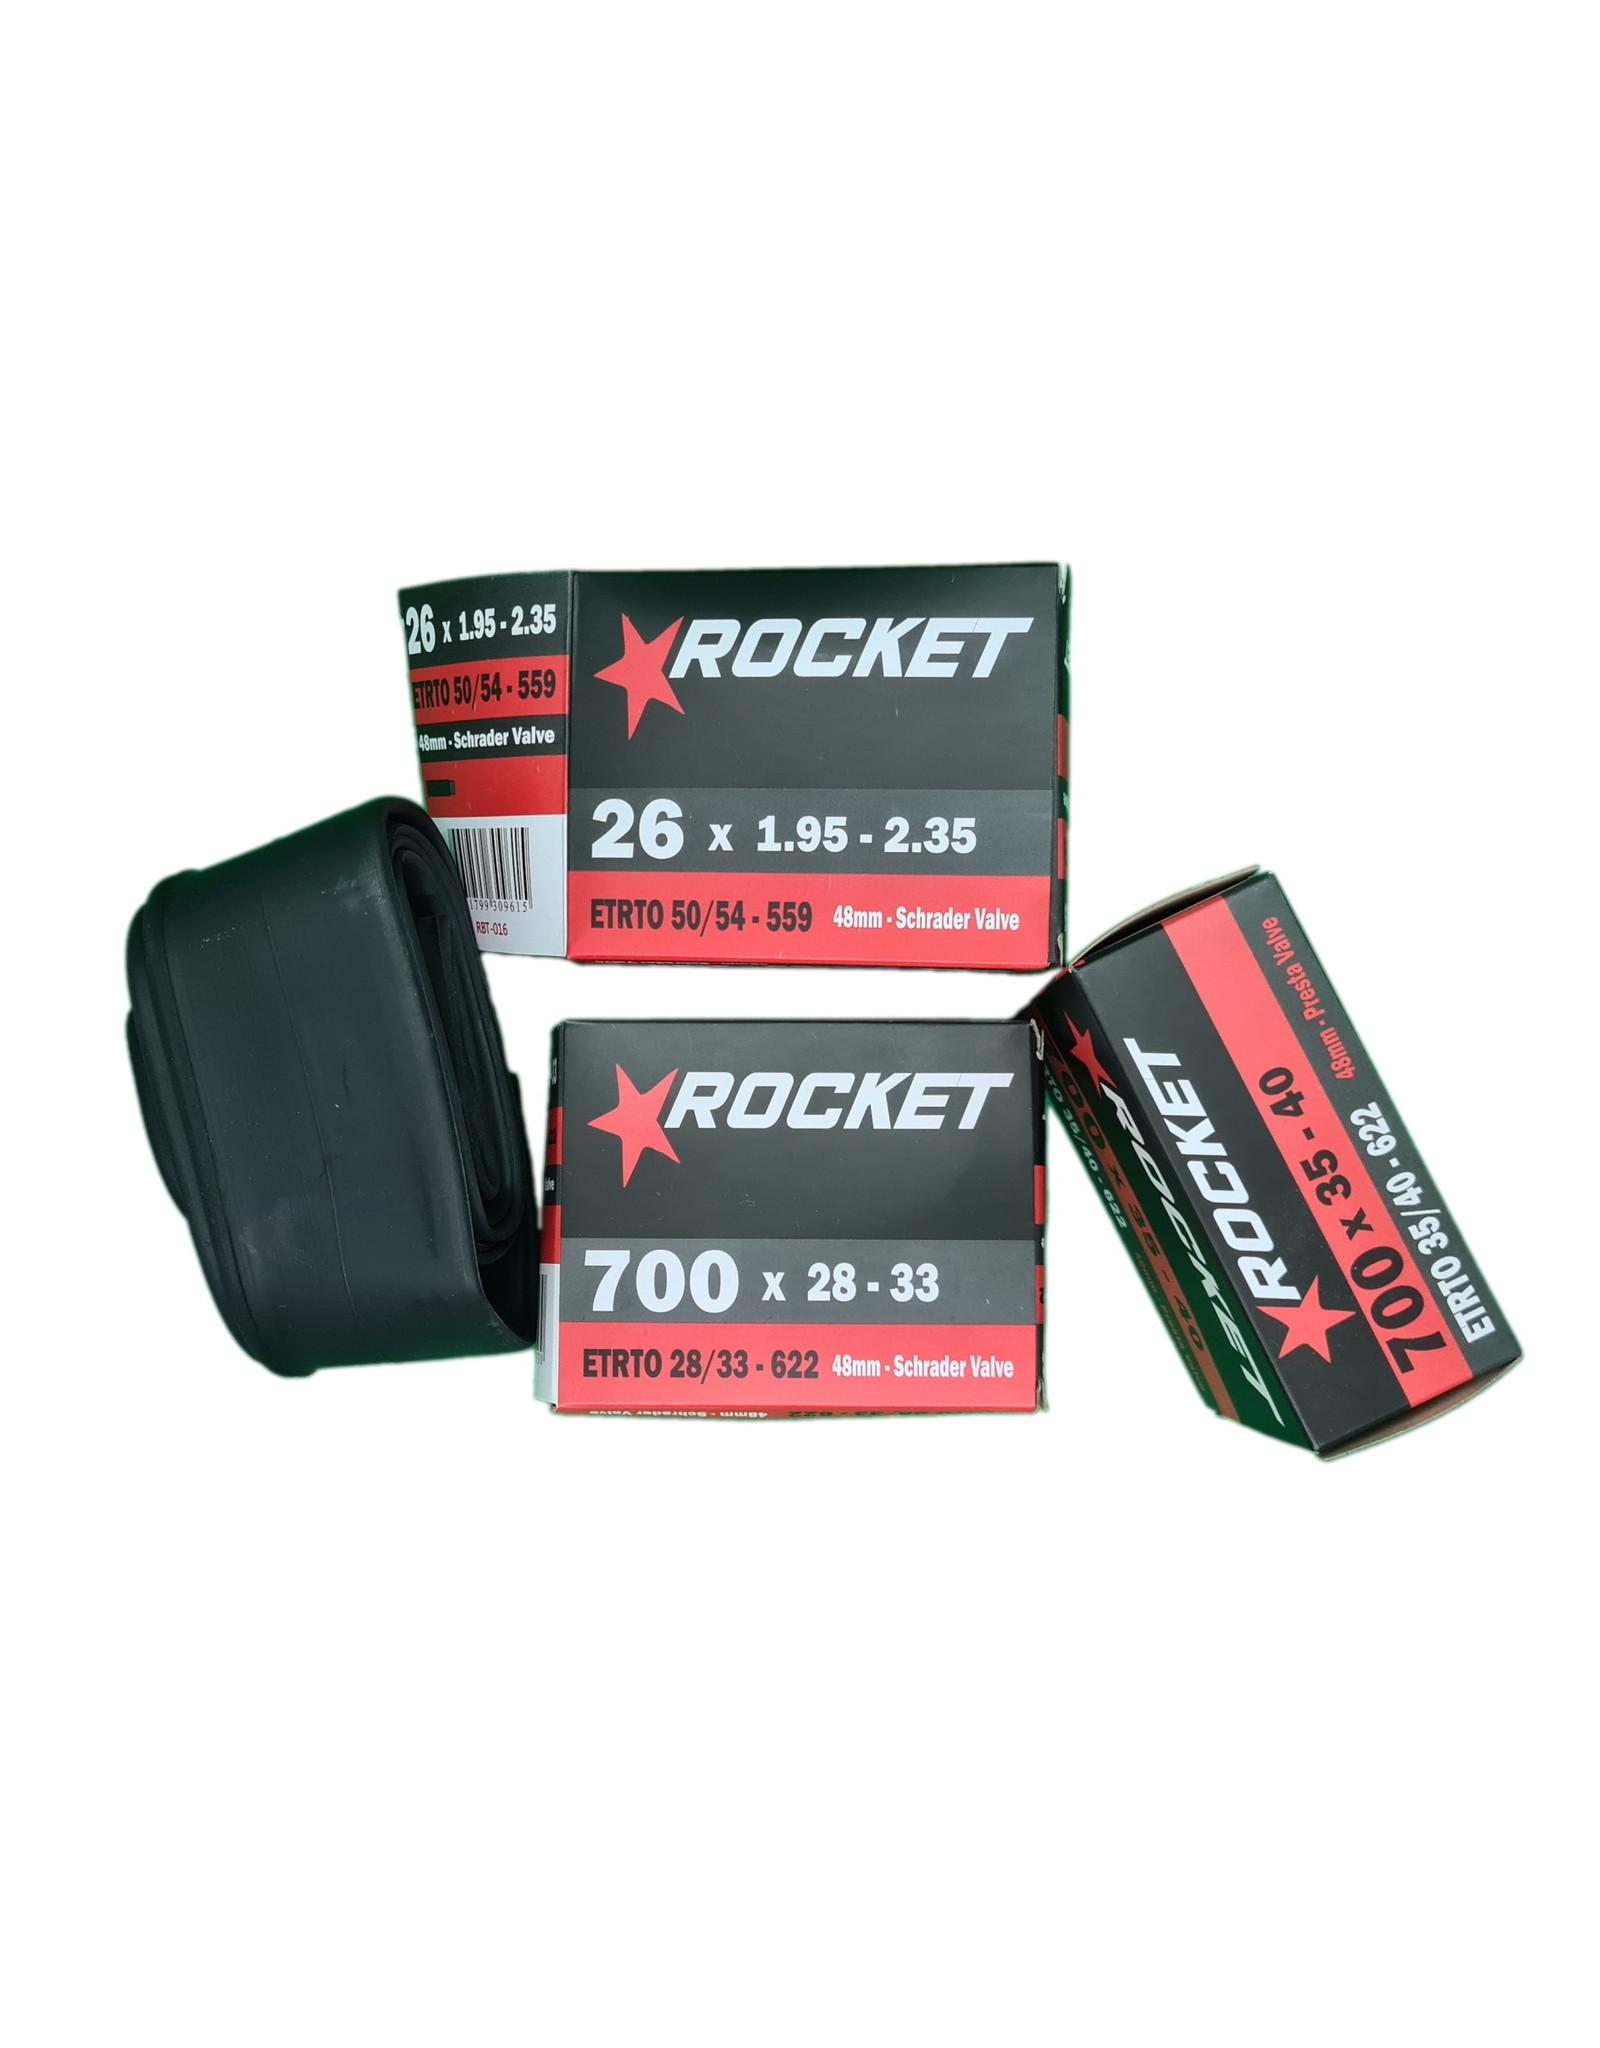 Rocket Tube 700 x 28/33 Presta Valve